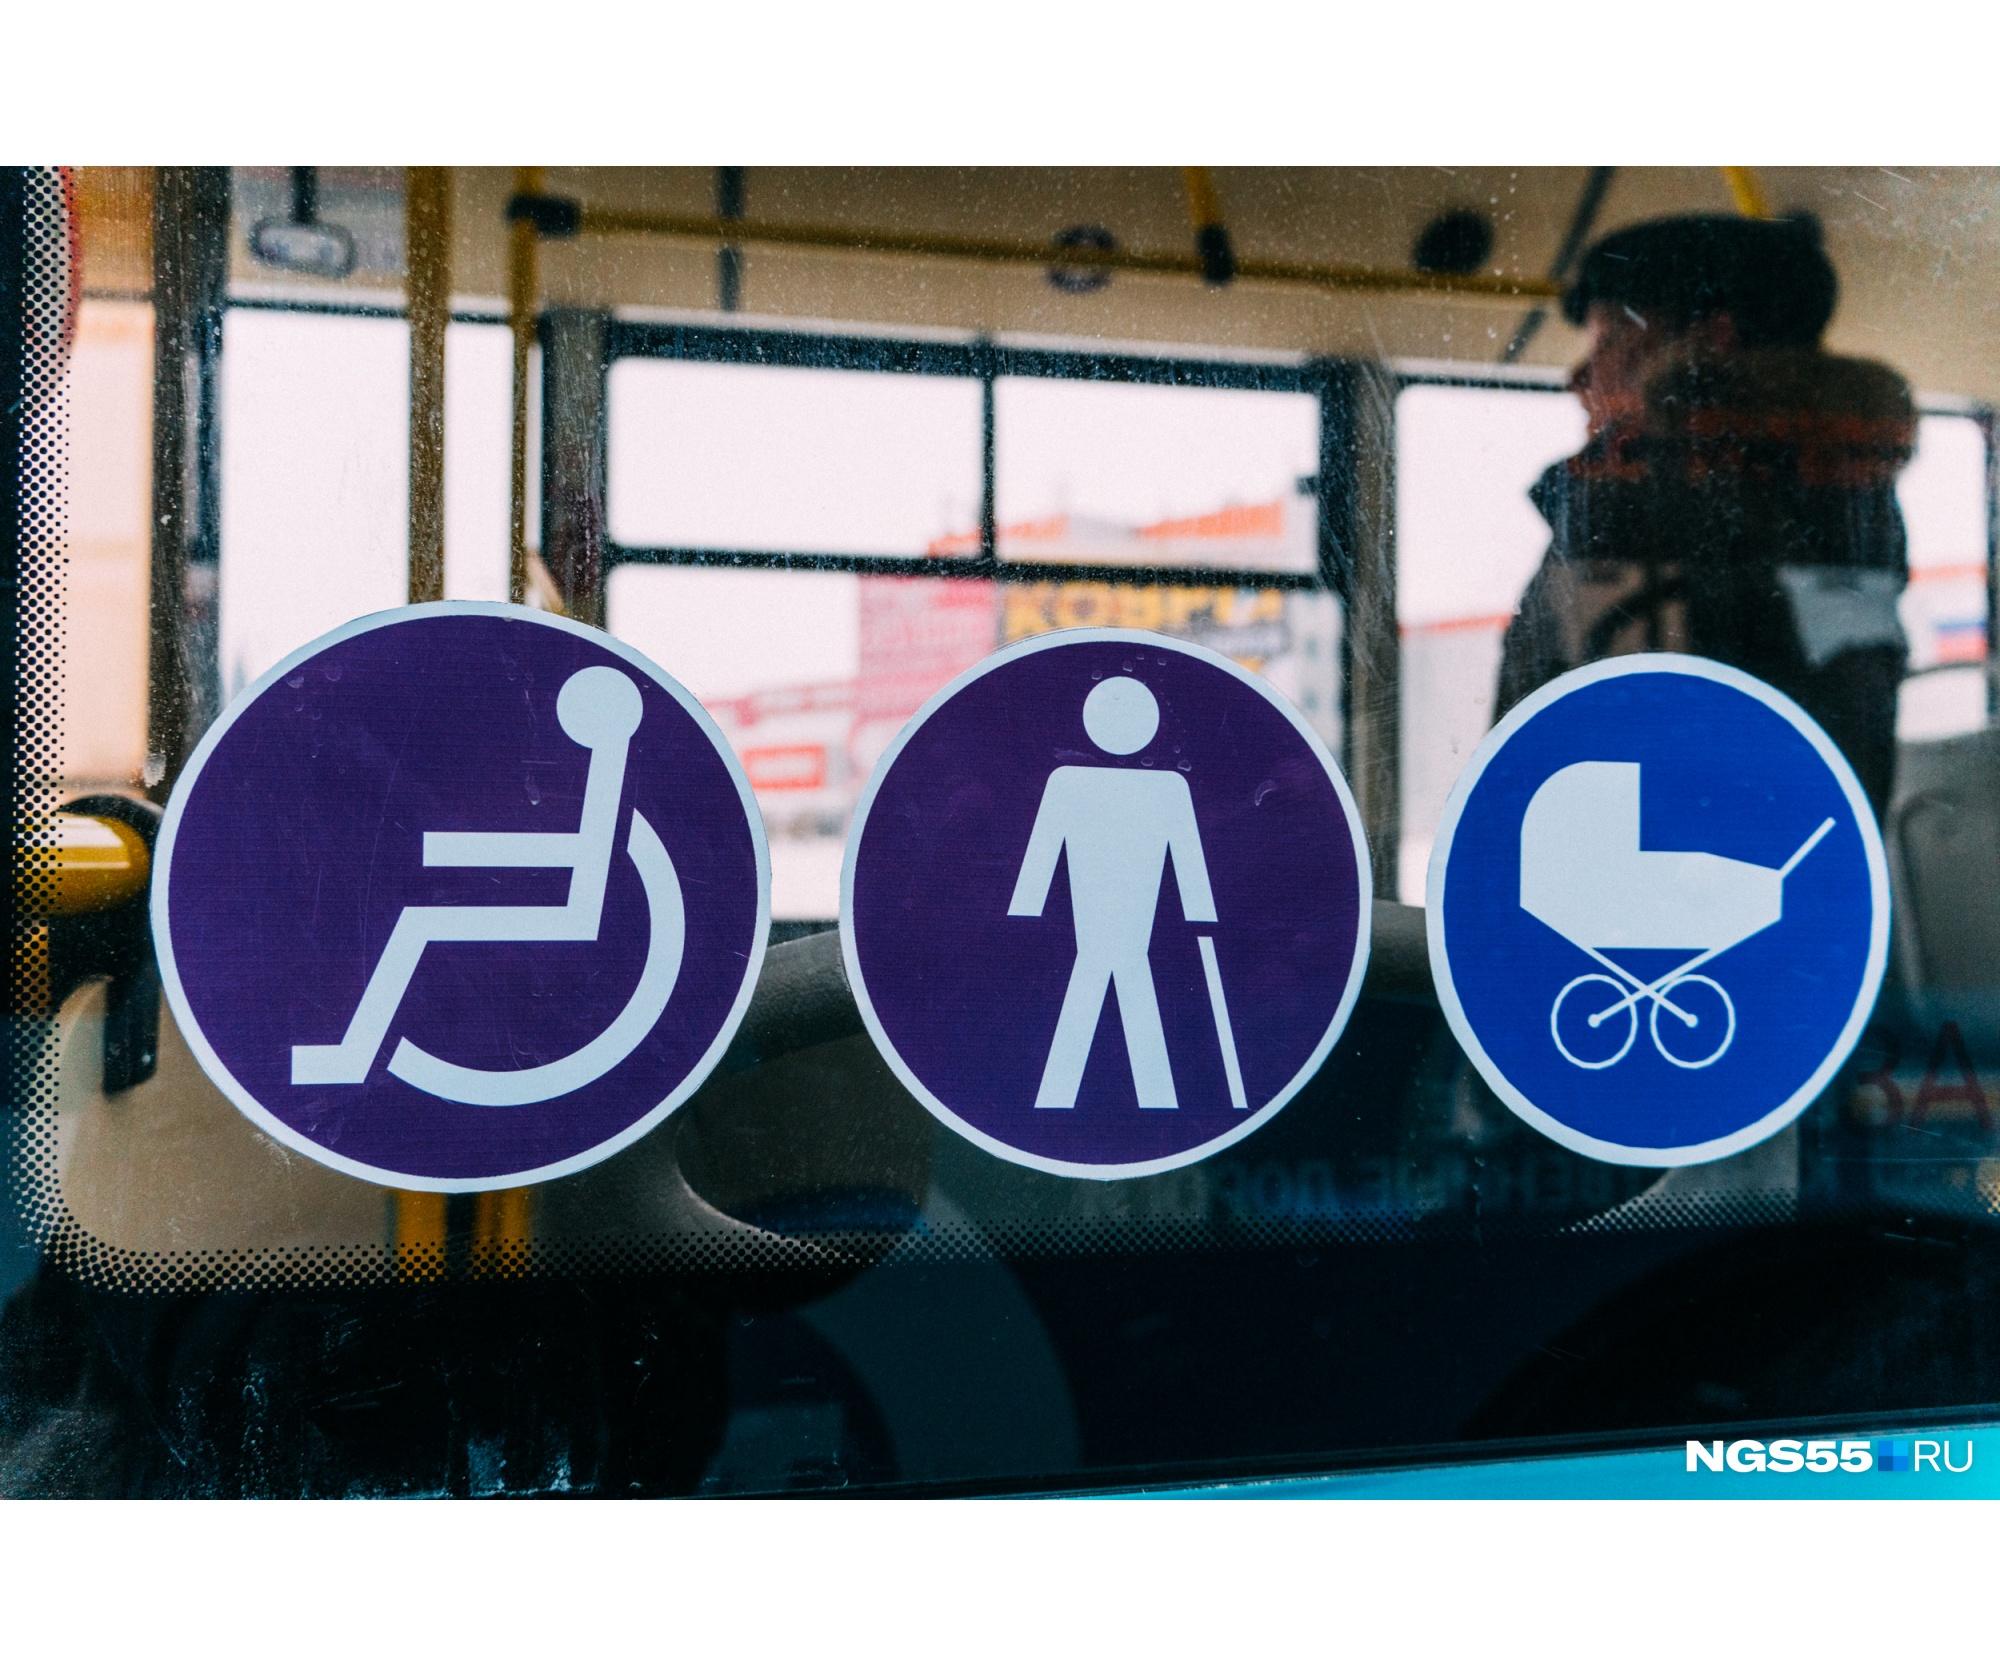 Еще одно доказательство доступности автобуса для всех (вдруг вы успели забыть об этом)